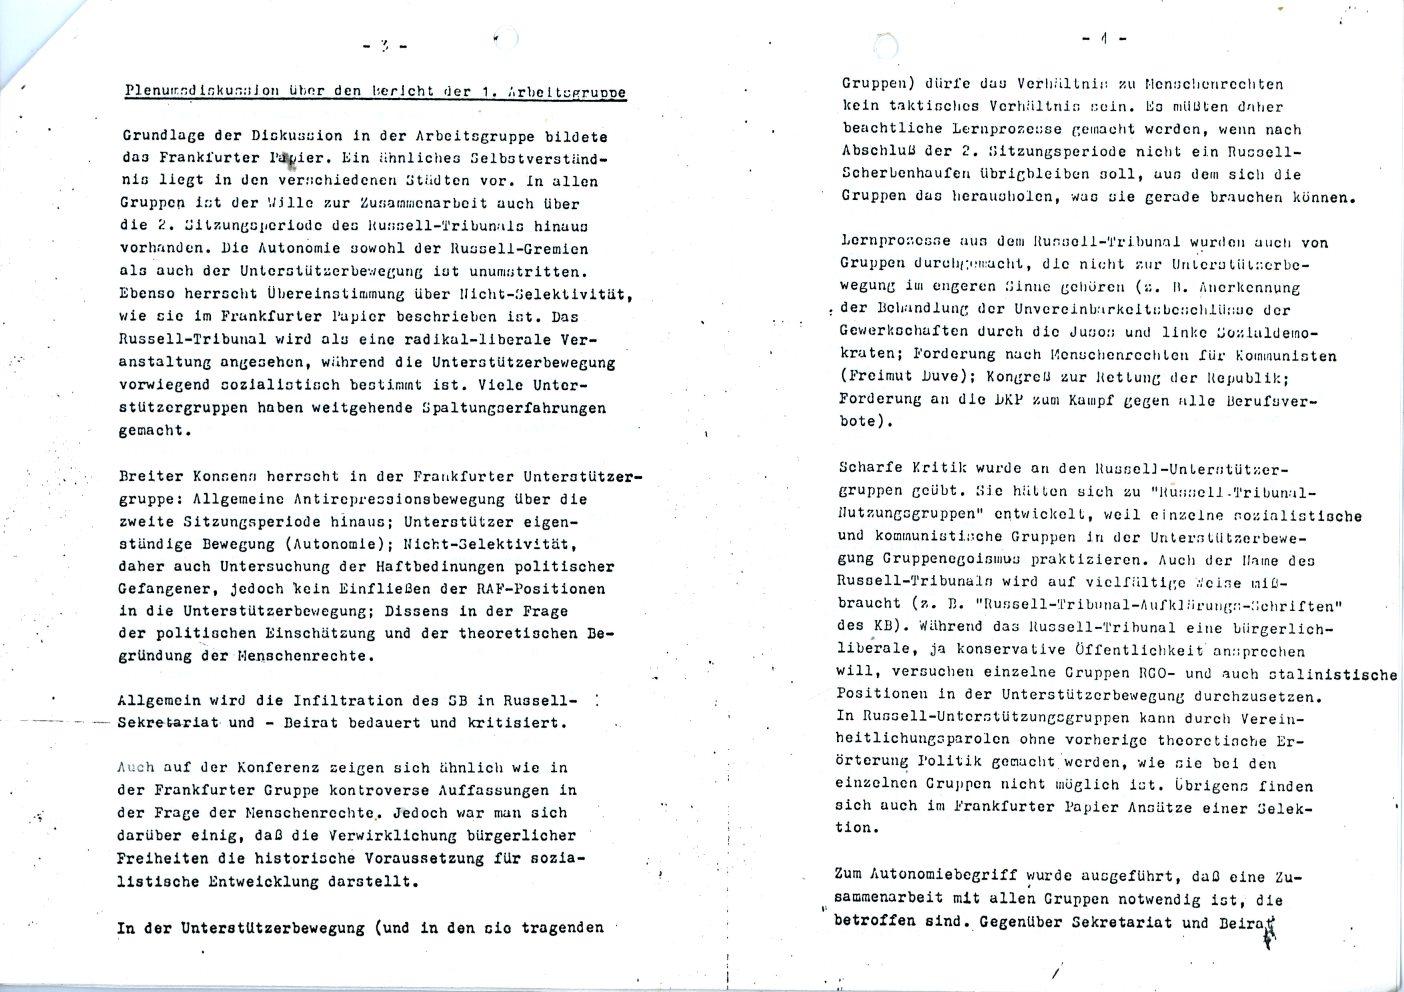 Frankfurt_Konferenz_der_Russell_Unterstuetzungsgruppen_19780624_09